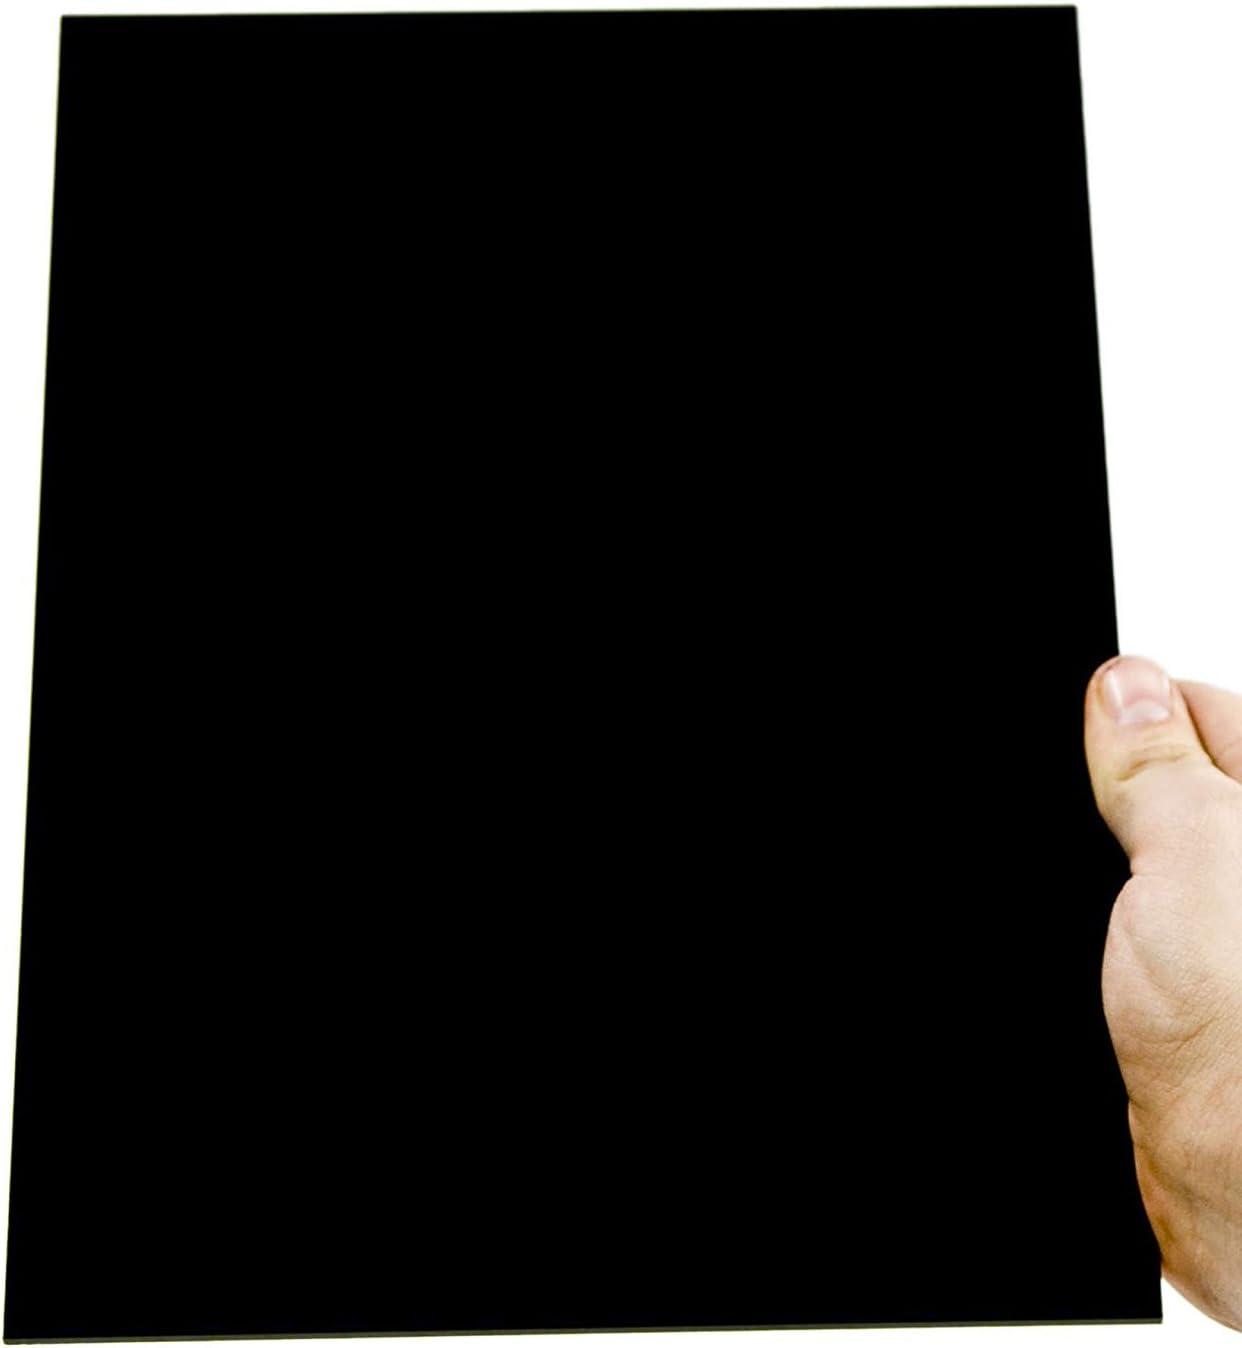 45 cm Durchmesser 3mm XT Kreiszuschnitt aus Acryl schwarz Plexiglas/®